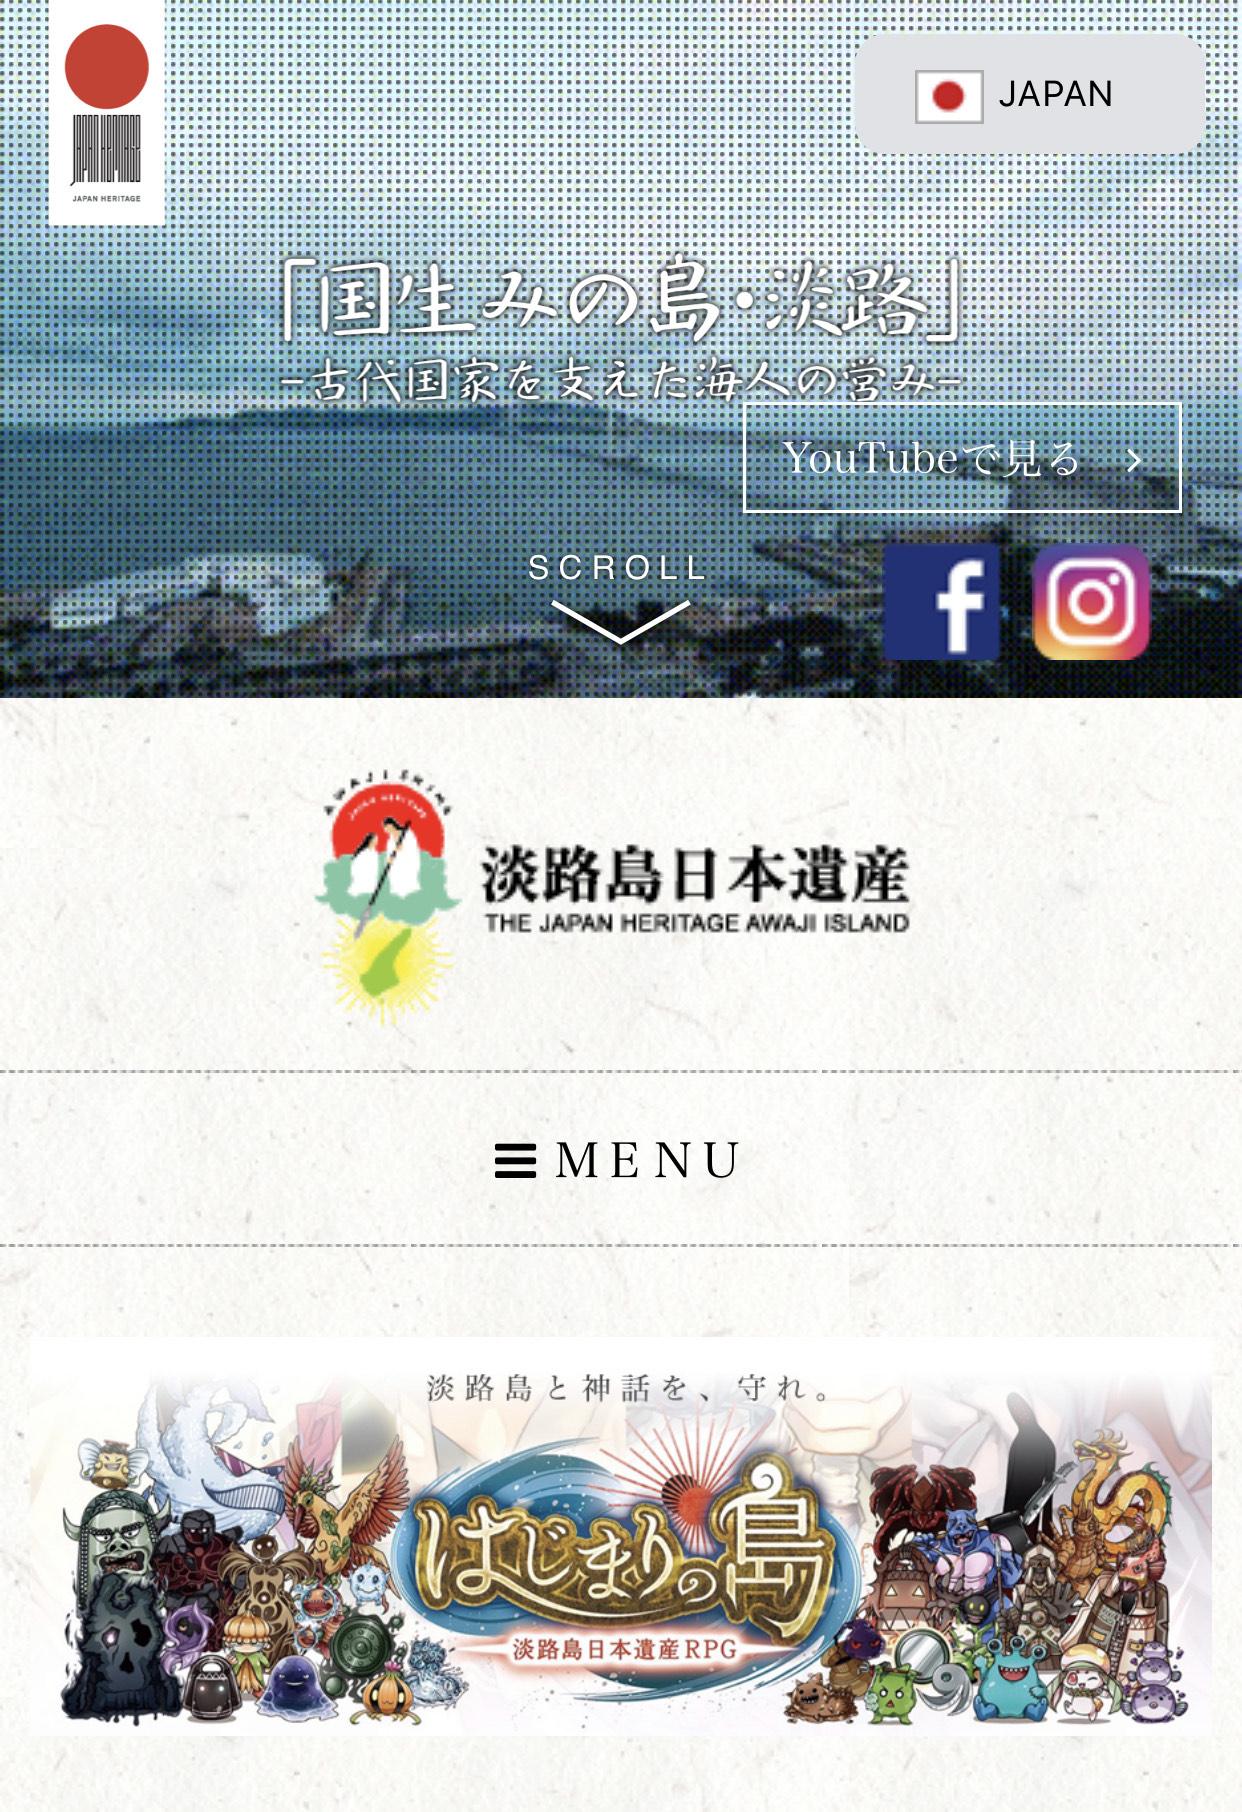 淡路島日本遺産、半年ぶりの幹事会!